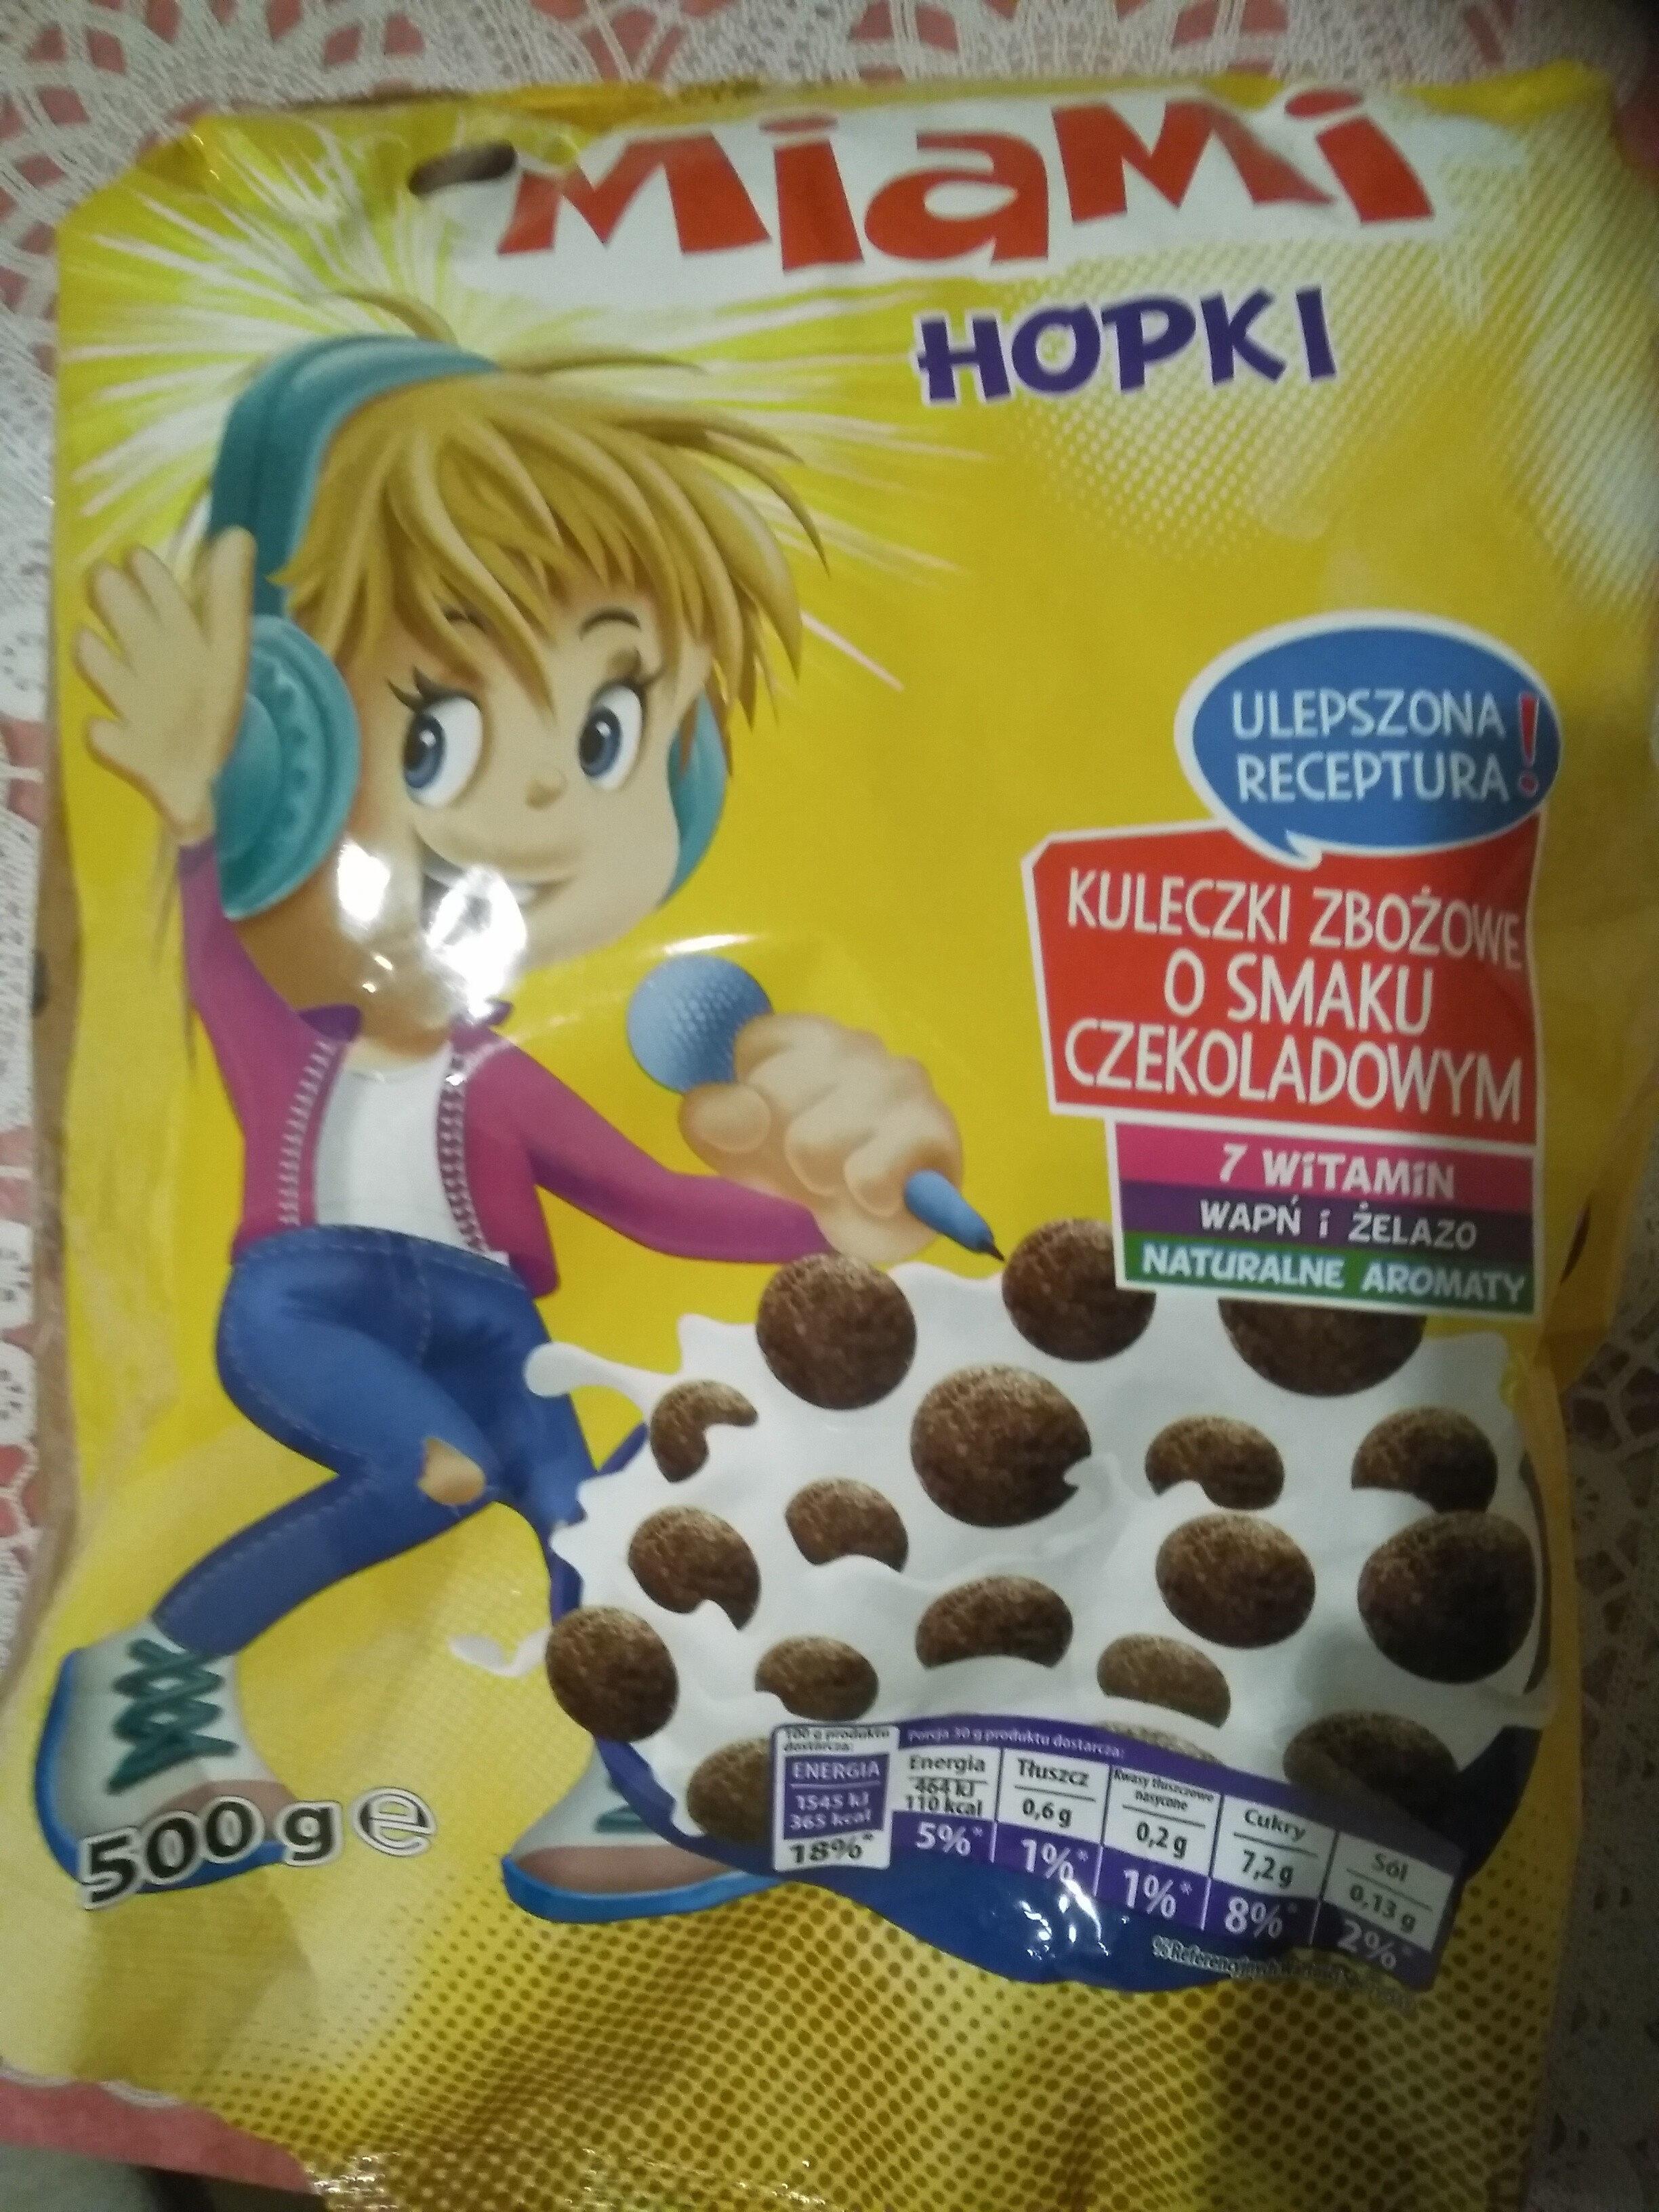 Miami Hopki - Produit - pl